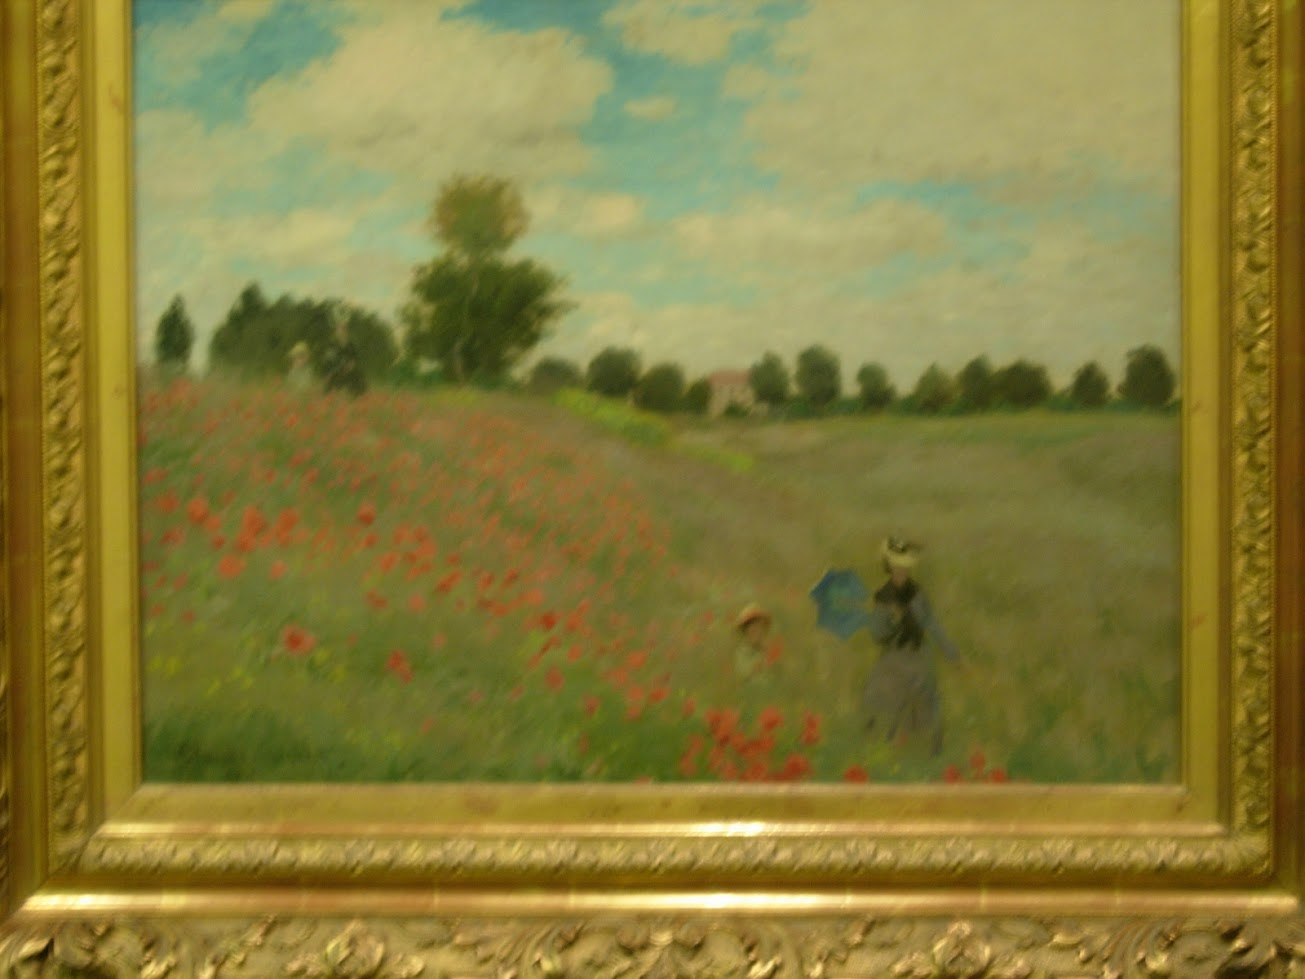 Les coquelicots à Argenteuil - Claude Monet au Musée d'Orsay à Paris